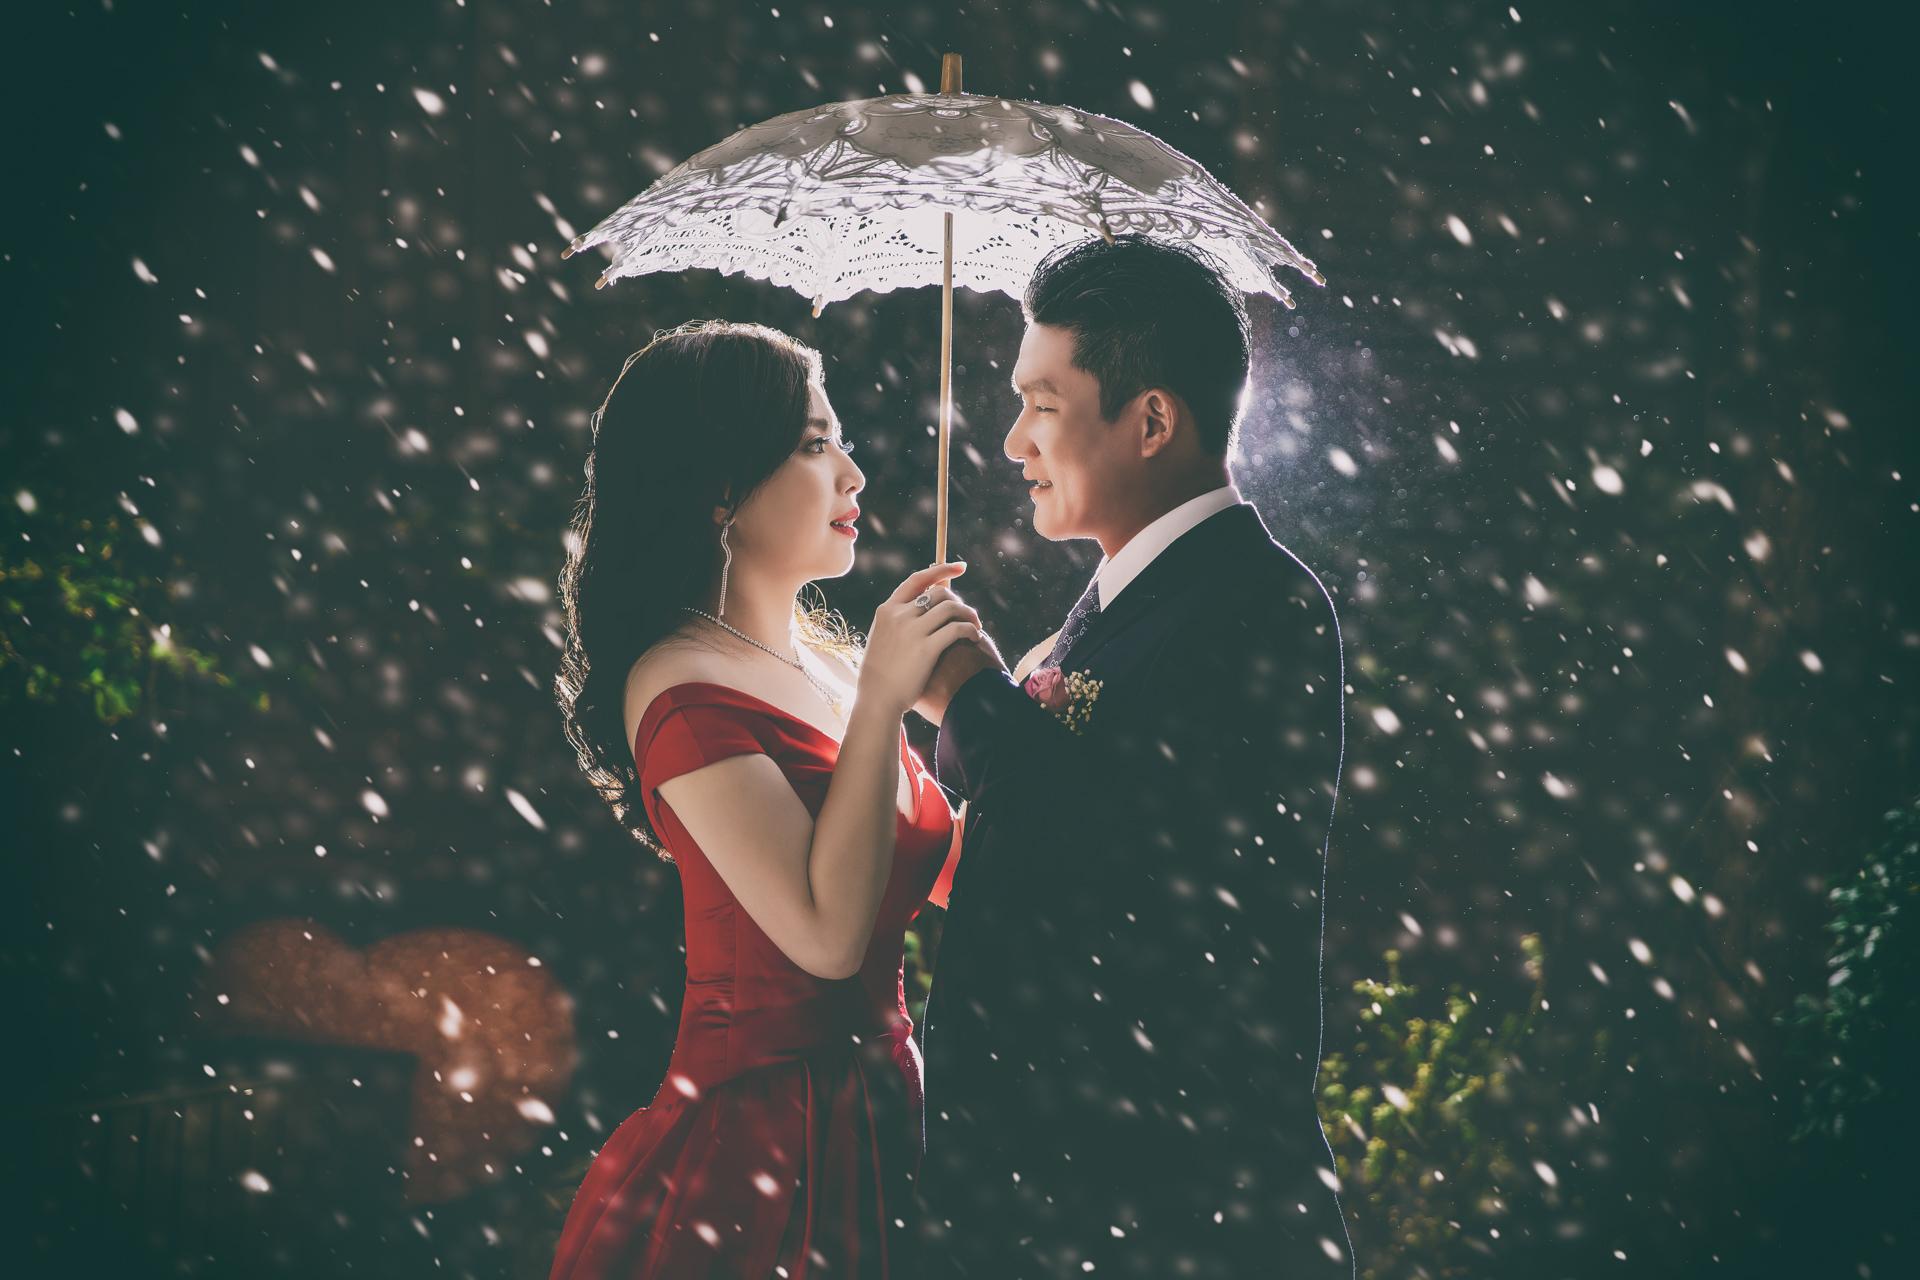 婚禮攝影 [聰傑❤于瑩] 結婚之囍@士林台南海鮮會館